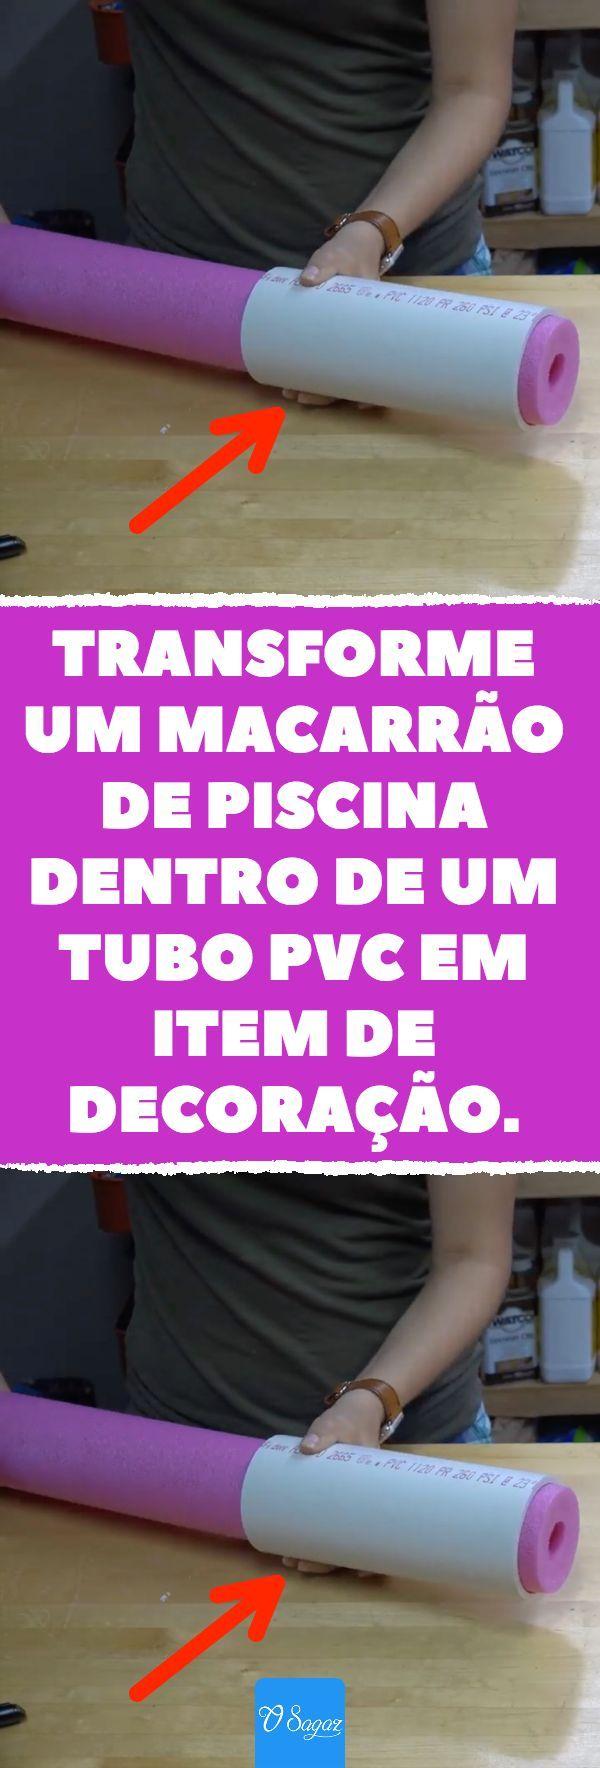 Transforme Um Macarr U00e3o De Piscina Dentro De Um Tubo Pvc Em Item De Decora U00e7 U00e3o       Decora U00e7 U00e3o